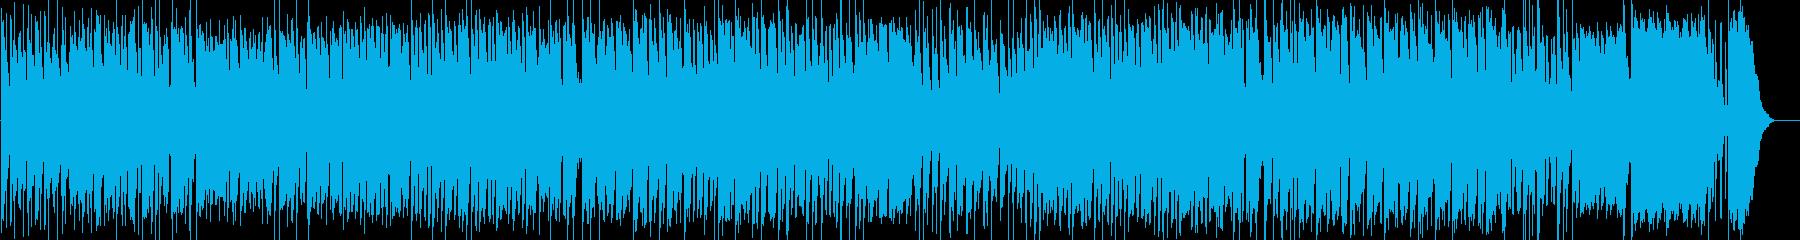 オールドディズニー スウィング ジャズの再生済みの波形